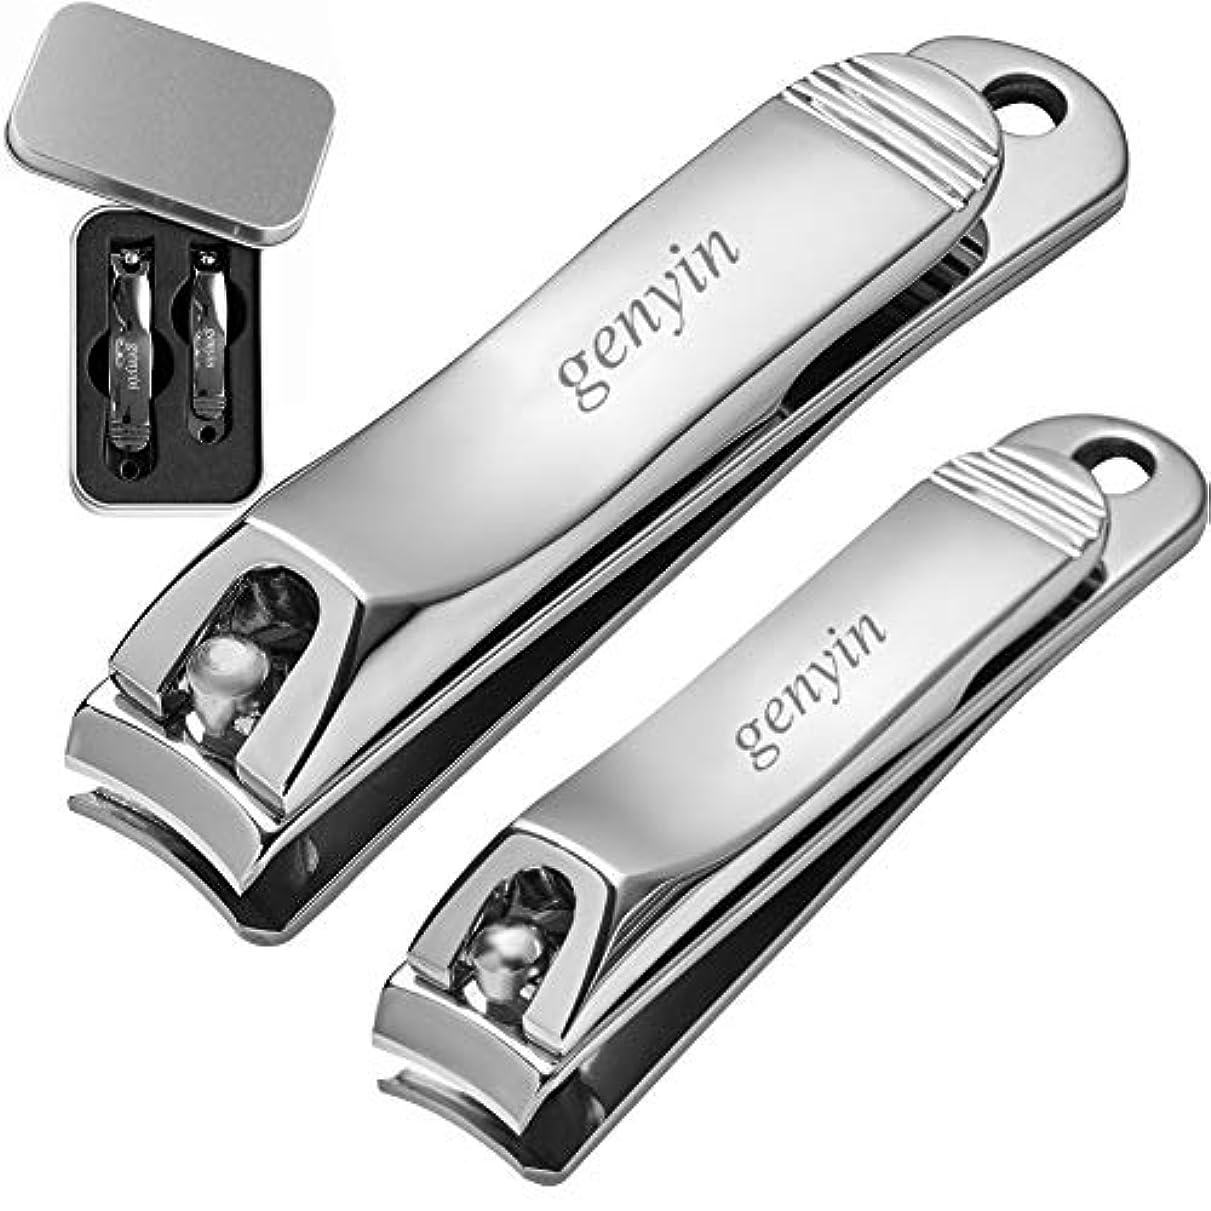 戦略事故表示genyin 爪切り つめきり ツメキリ 爪やすり 高級ステンレス鋼製 収納ケース付き 2本セット